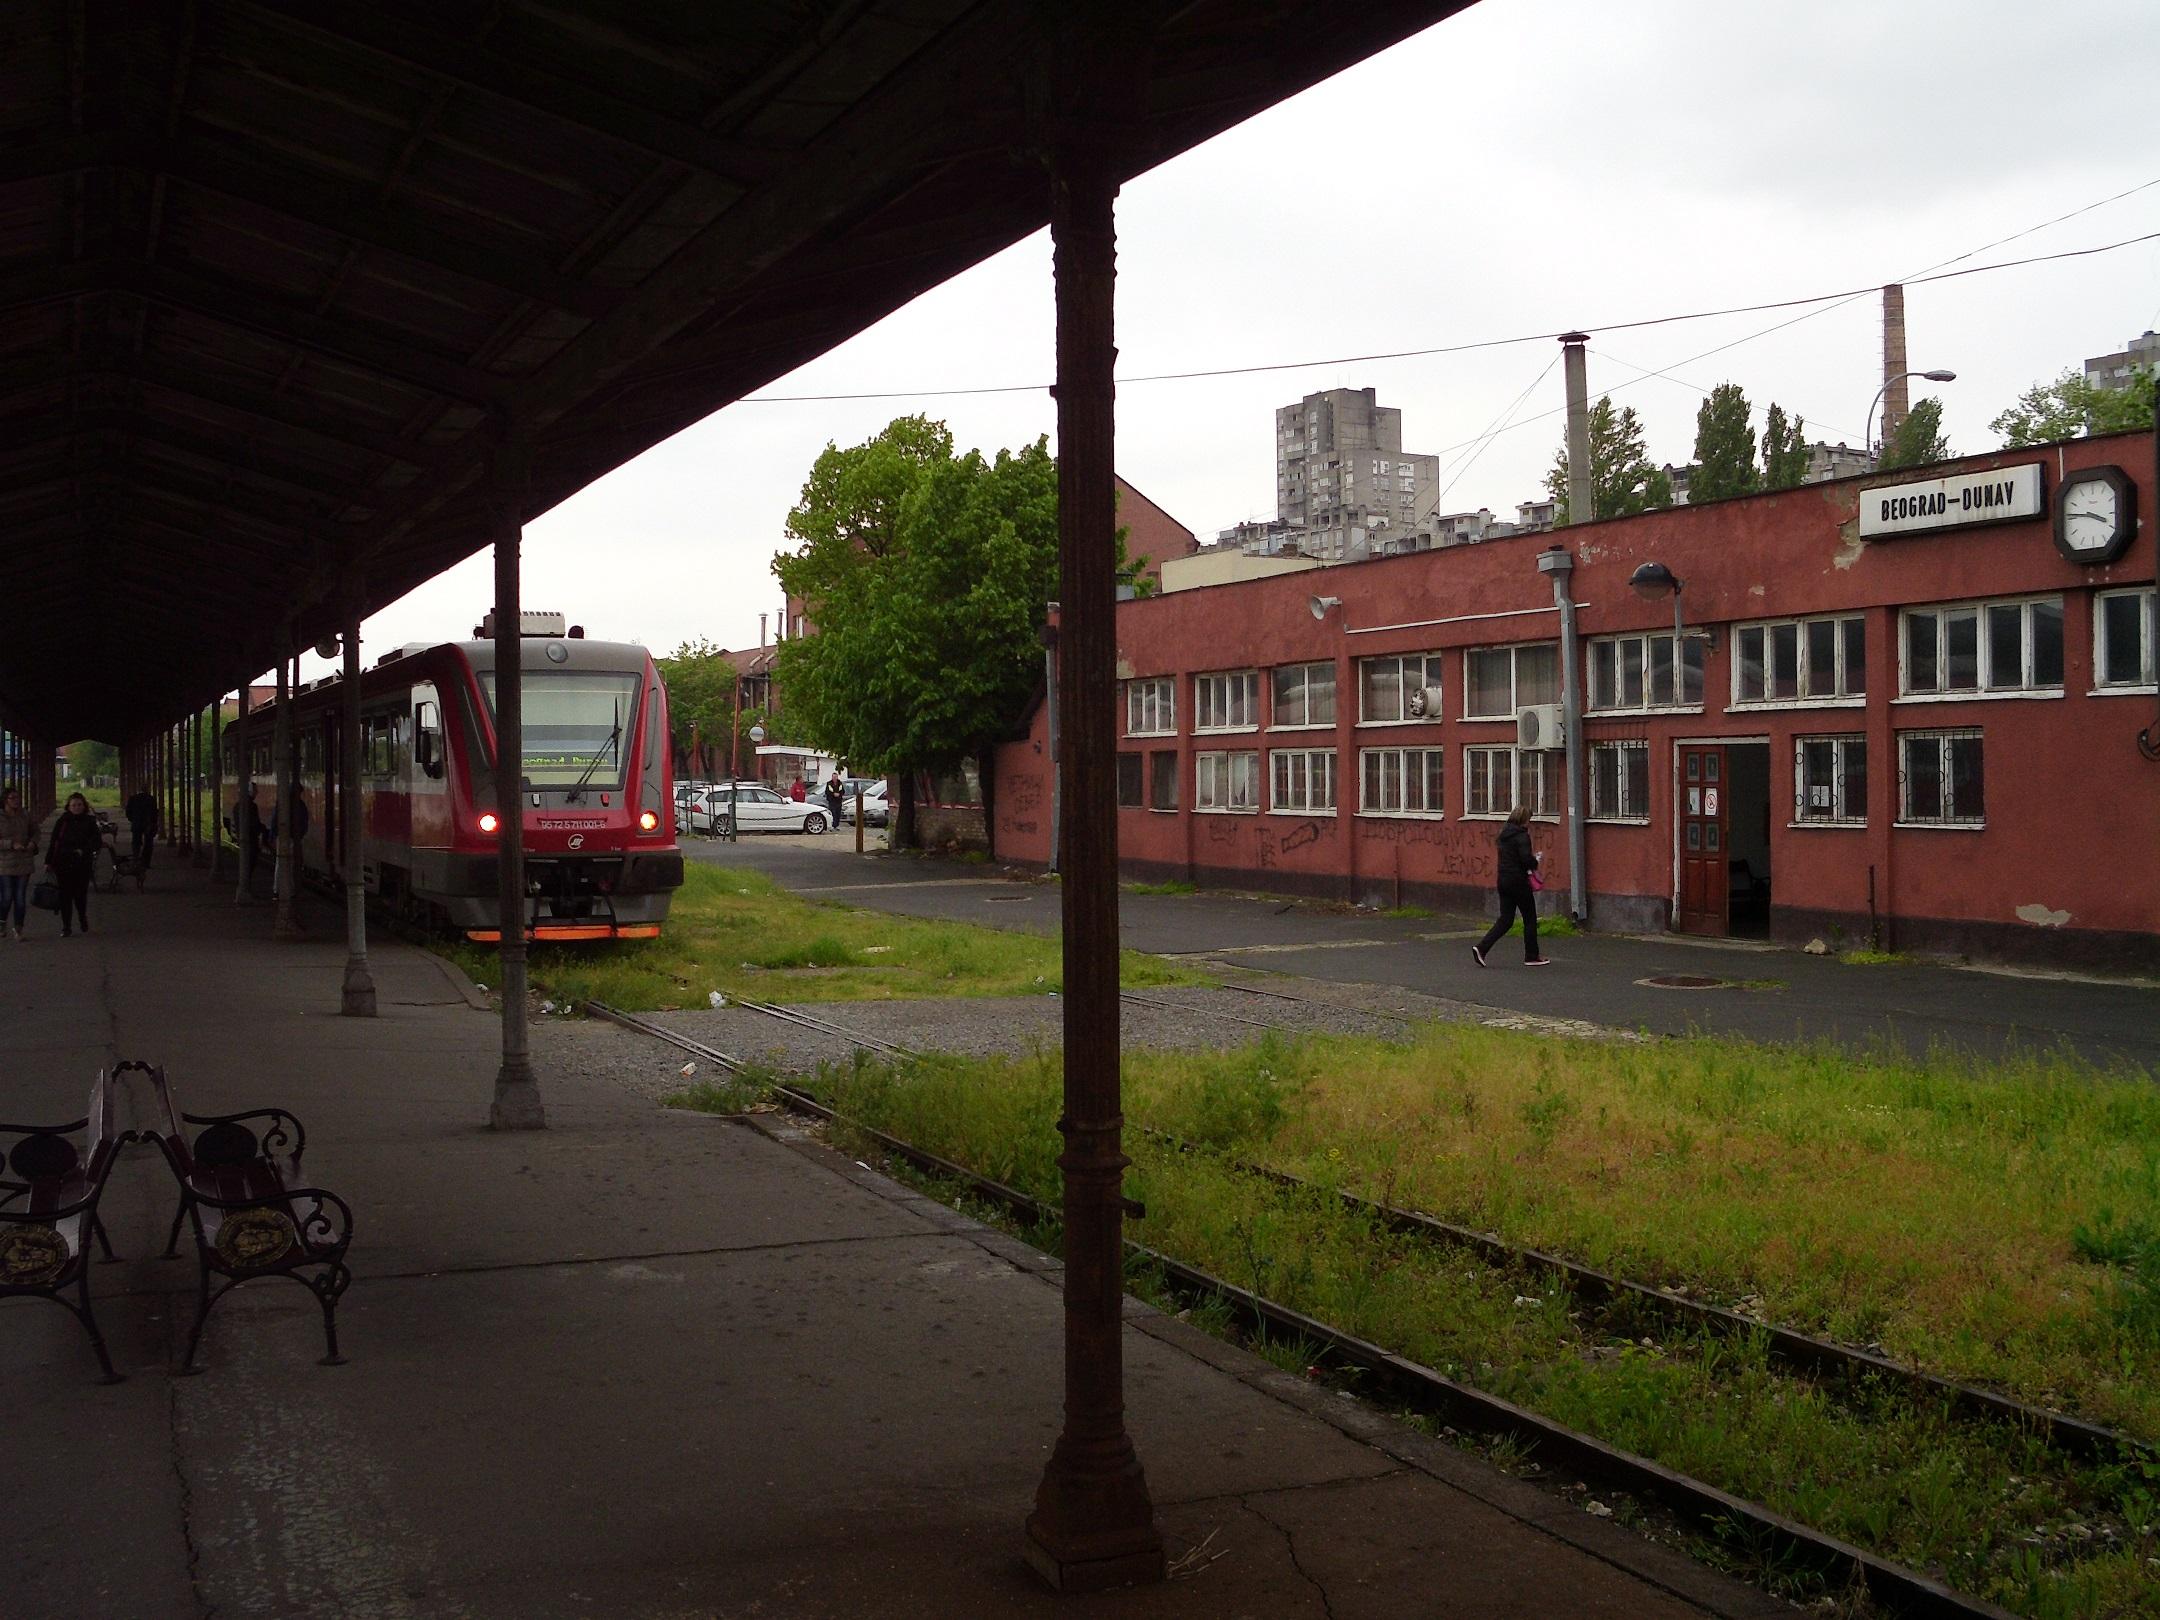 beograd_dunav_commuter_train.JPG